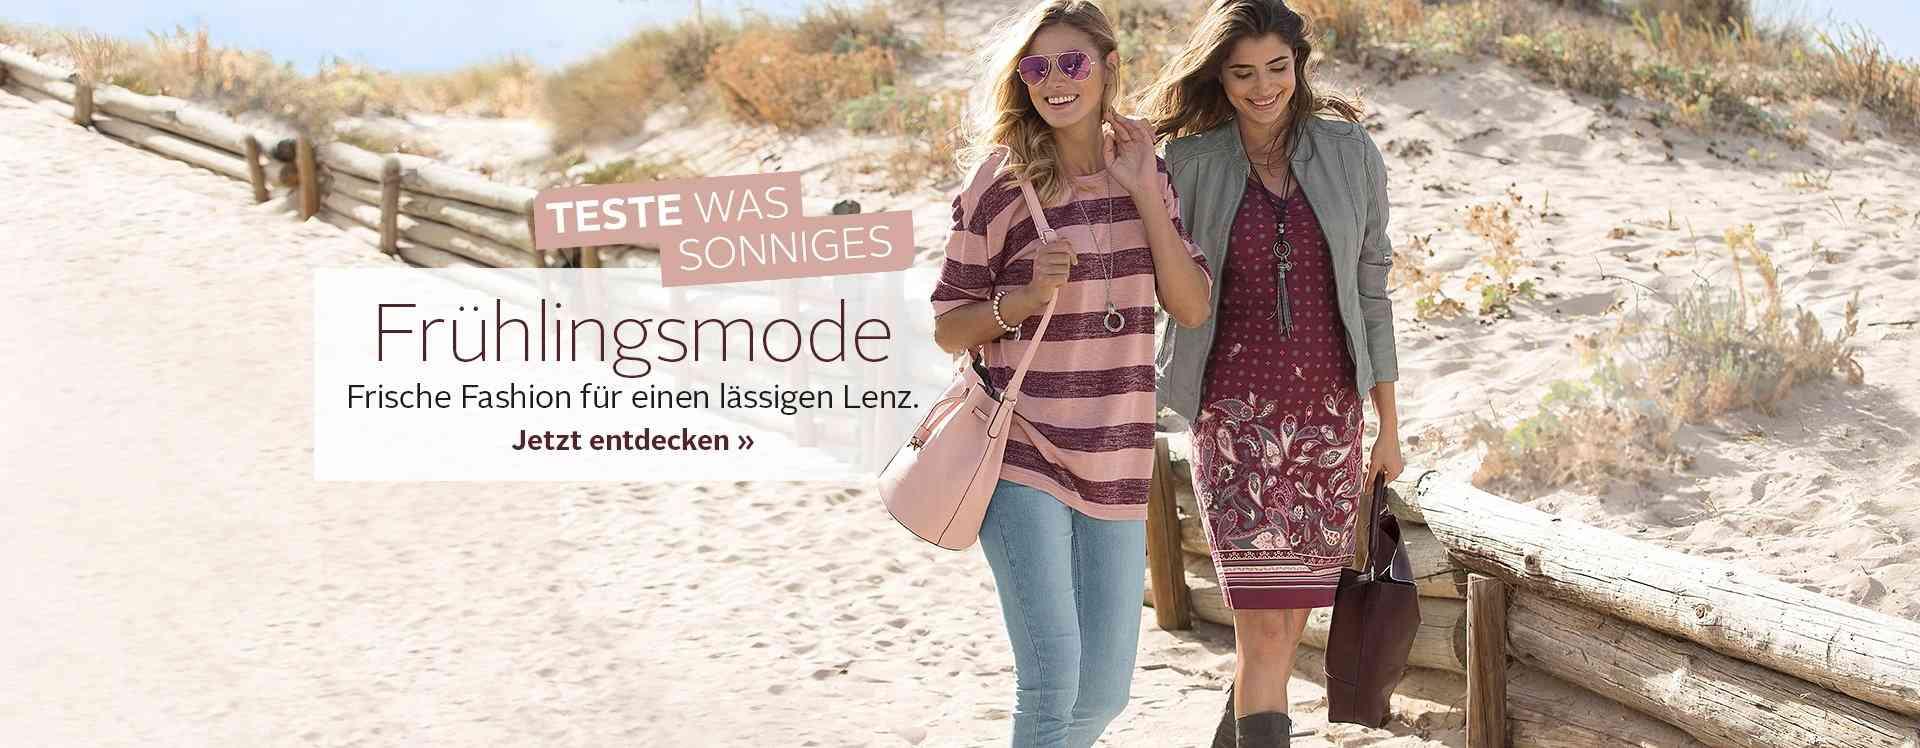 Damen-Frühlingsmode: Entdecken Sie jetzt gut kombinierbare Styles in frischen Farben und mit florale Elementen...